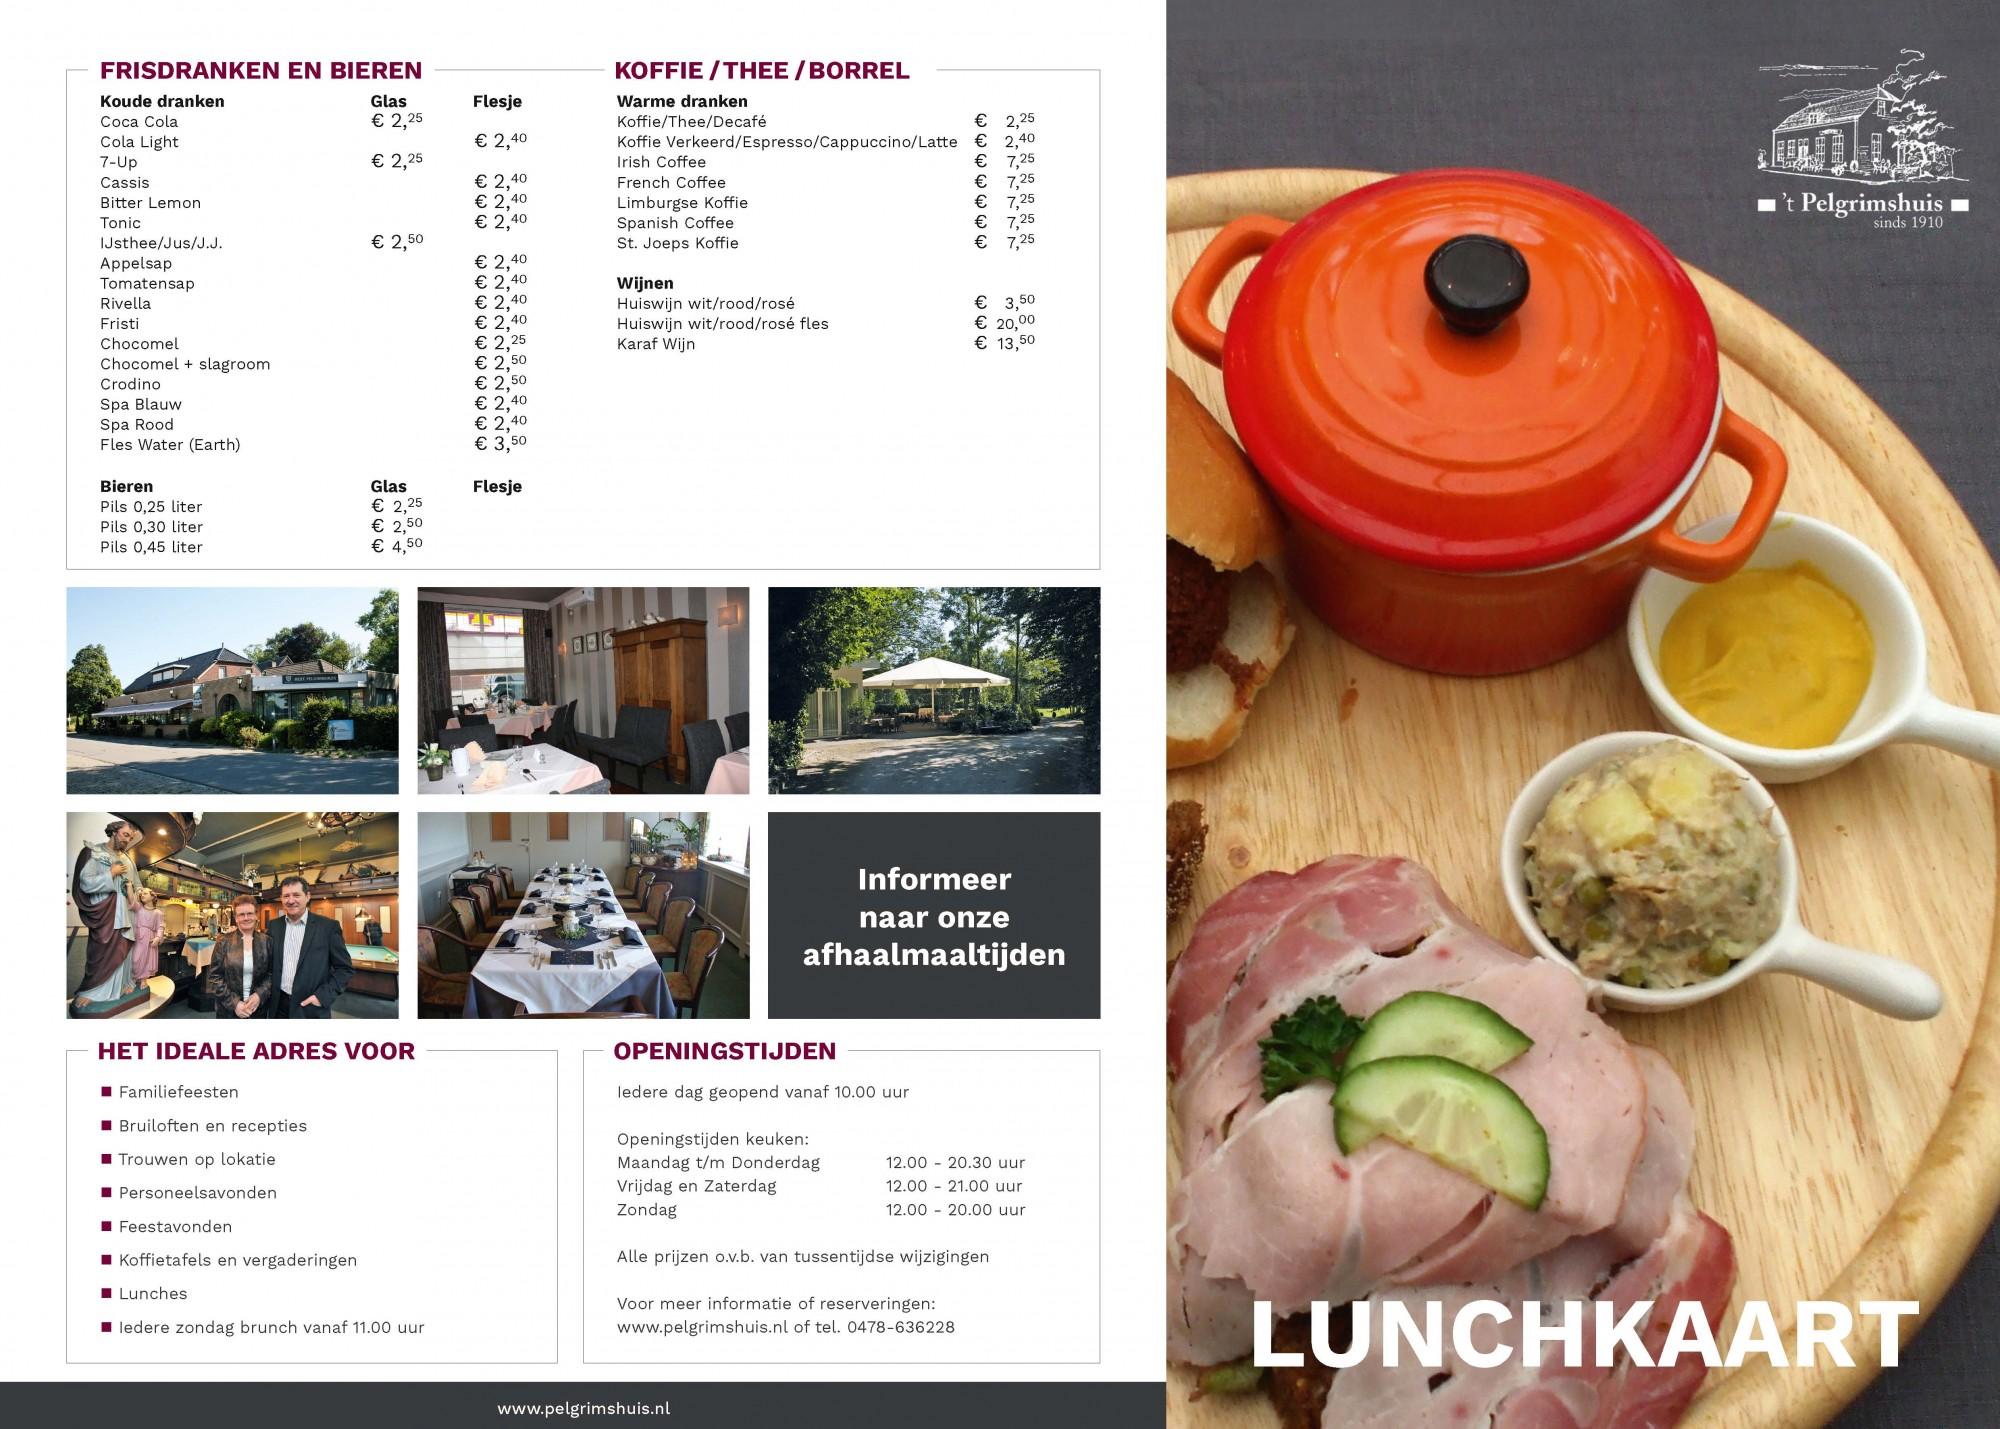 lunchkaart_Pagina_1